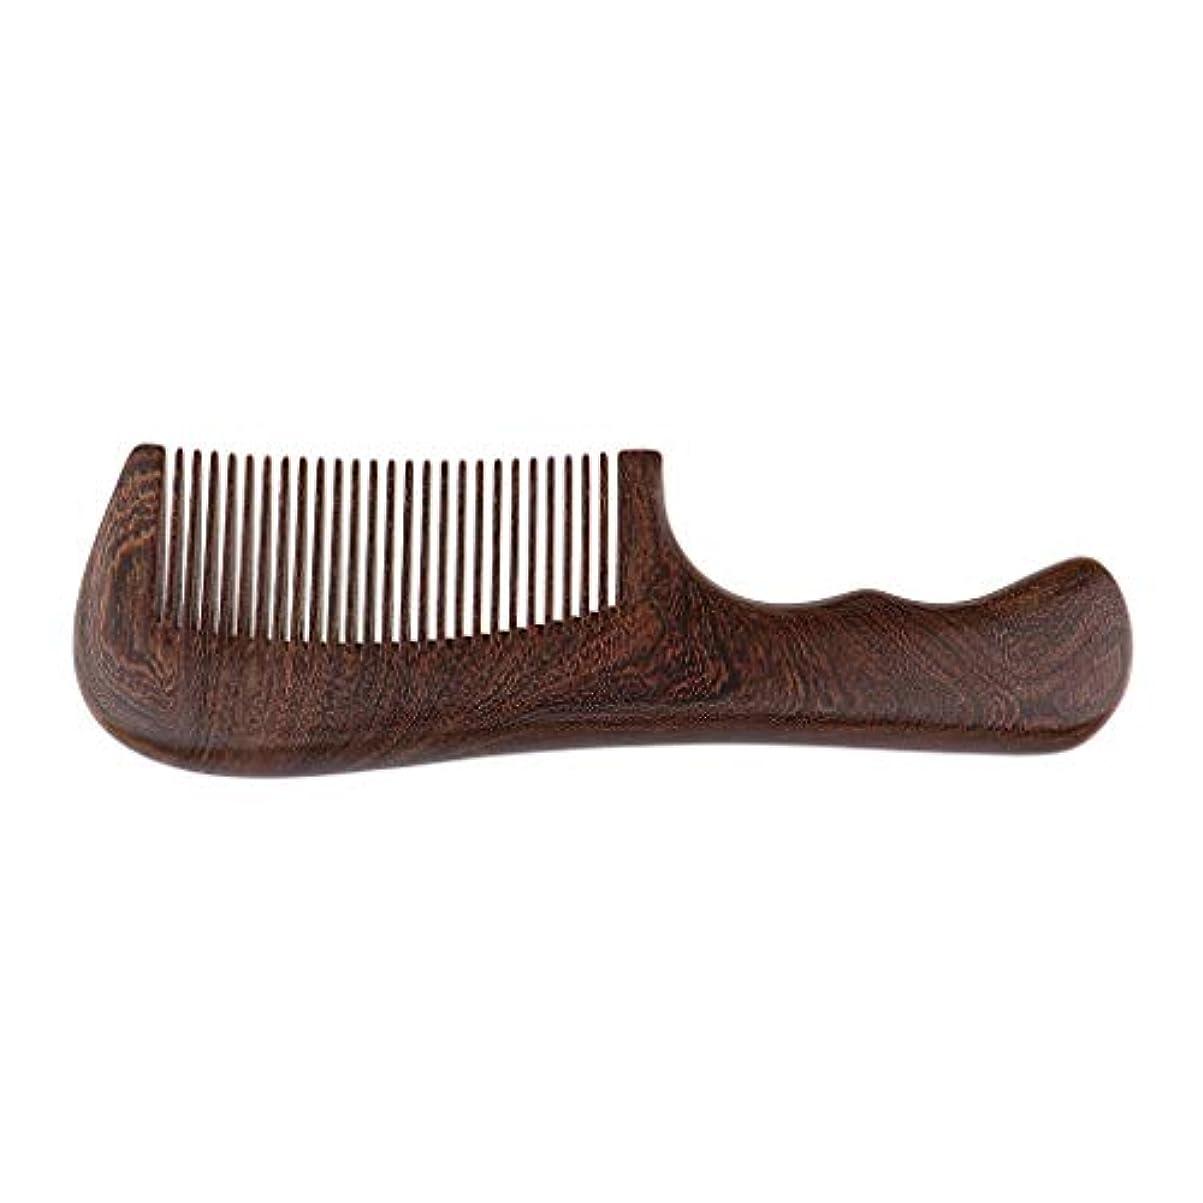 以内にソーシャル気づくなる帯電防止櫛 ウッドコーム 木製櫛 ハンドヘルドくし 頭皮マッサージ 2仕様選べ - 細かい歯